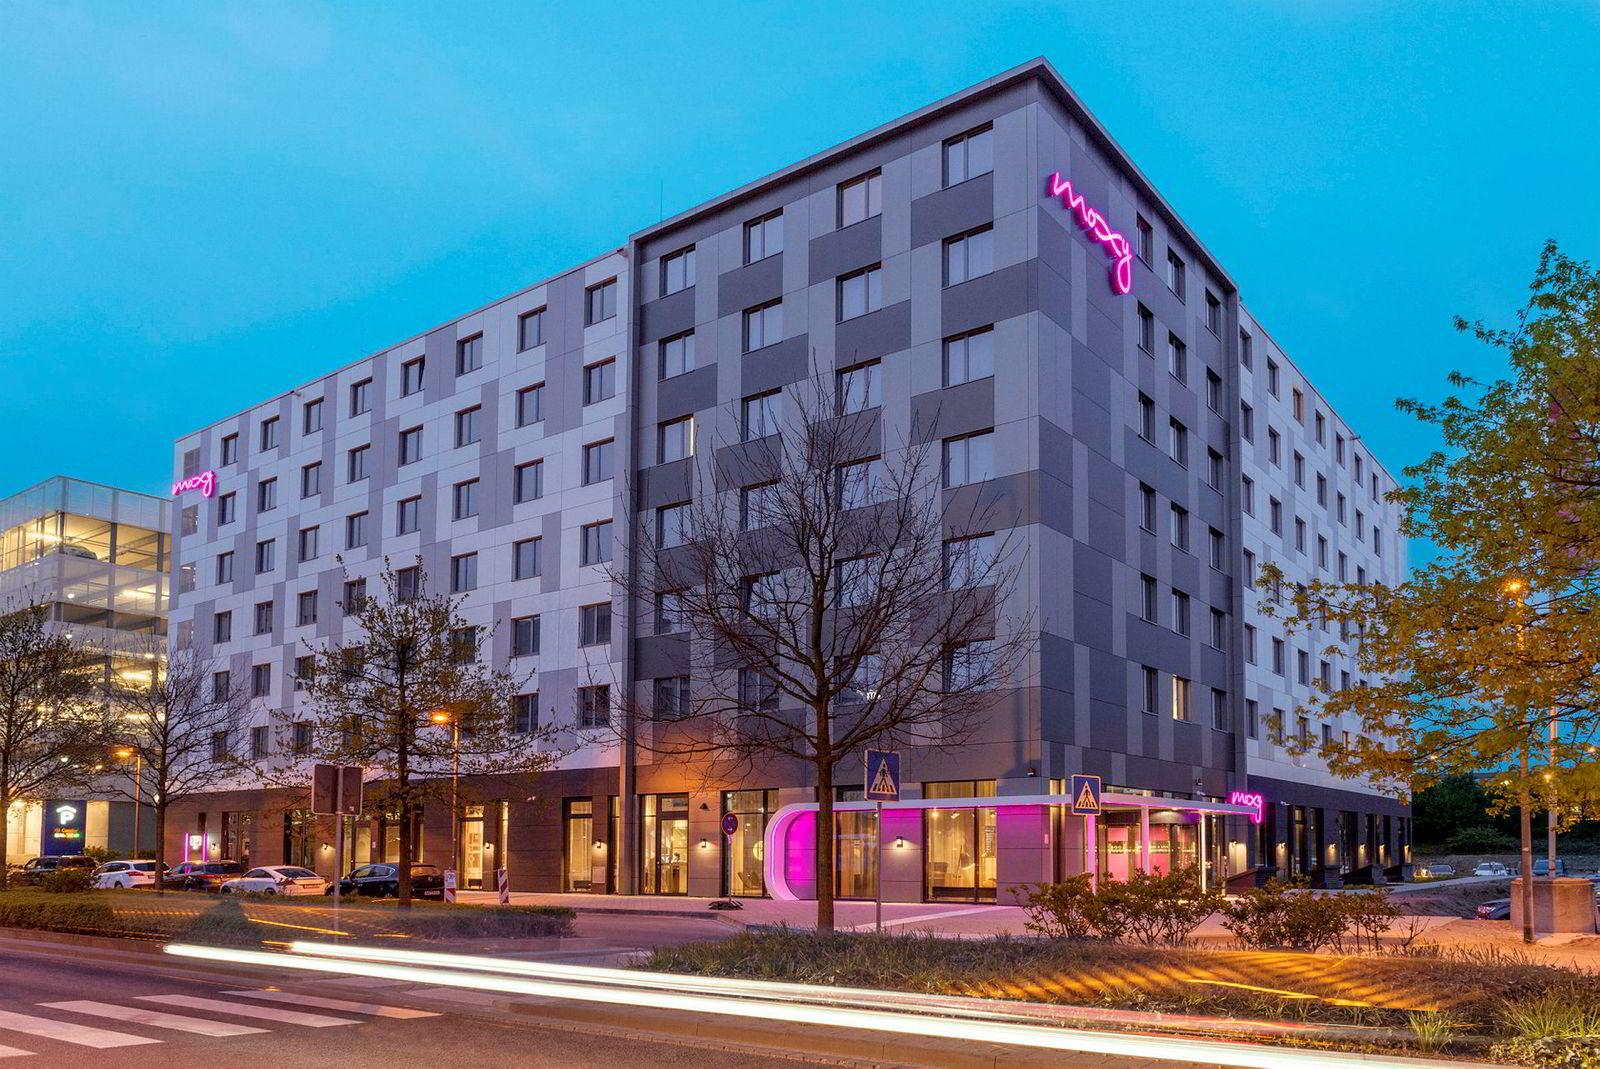 Belvar har i det stille etablert en rekke Moxy-hoteller i Europa, her på flyplassen i Frankfurt. Nå samles driften av disse samt hele First Hotels-kjeden i et nytt hotellkonsern som har fått navnet Maribel.